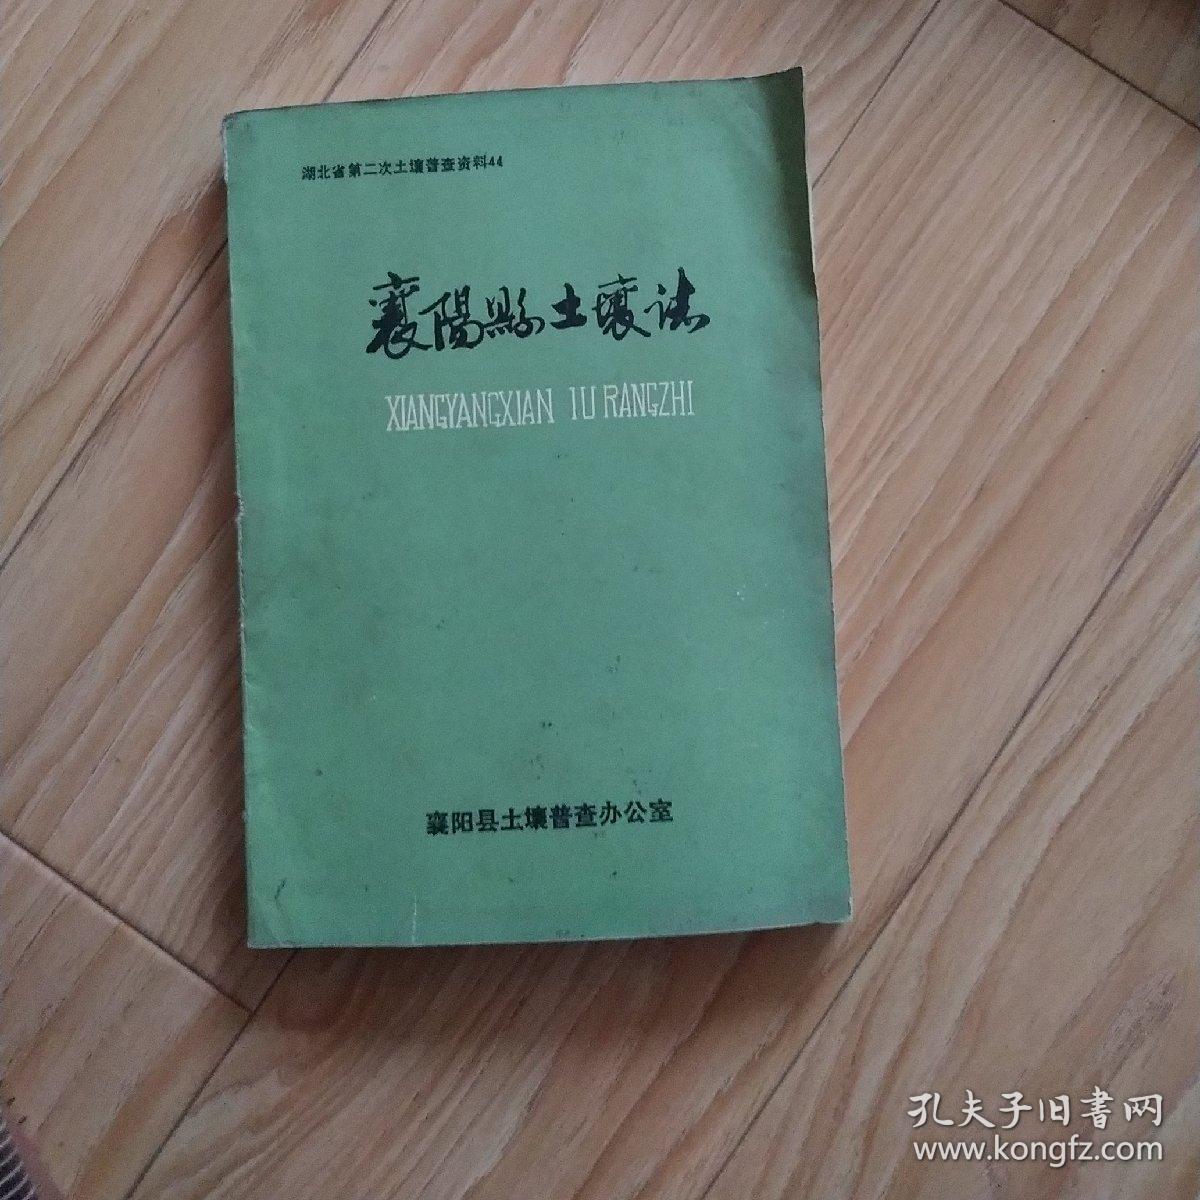 襄阳县土壤志            ------ 【包邮-挂】